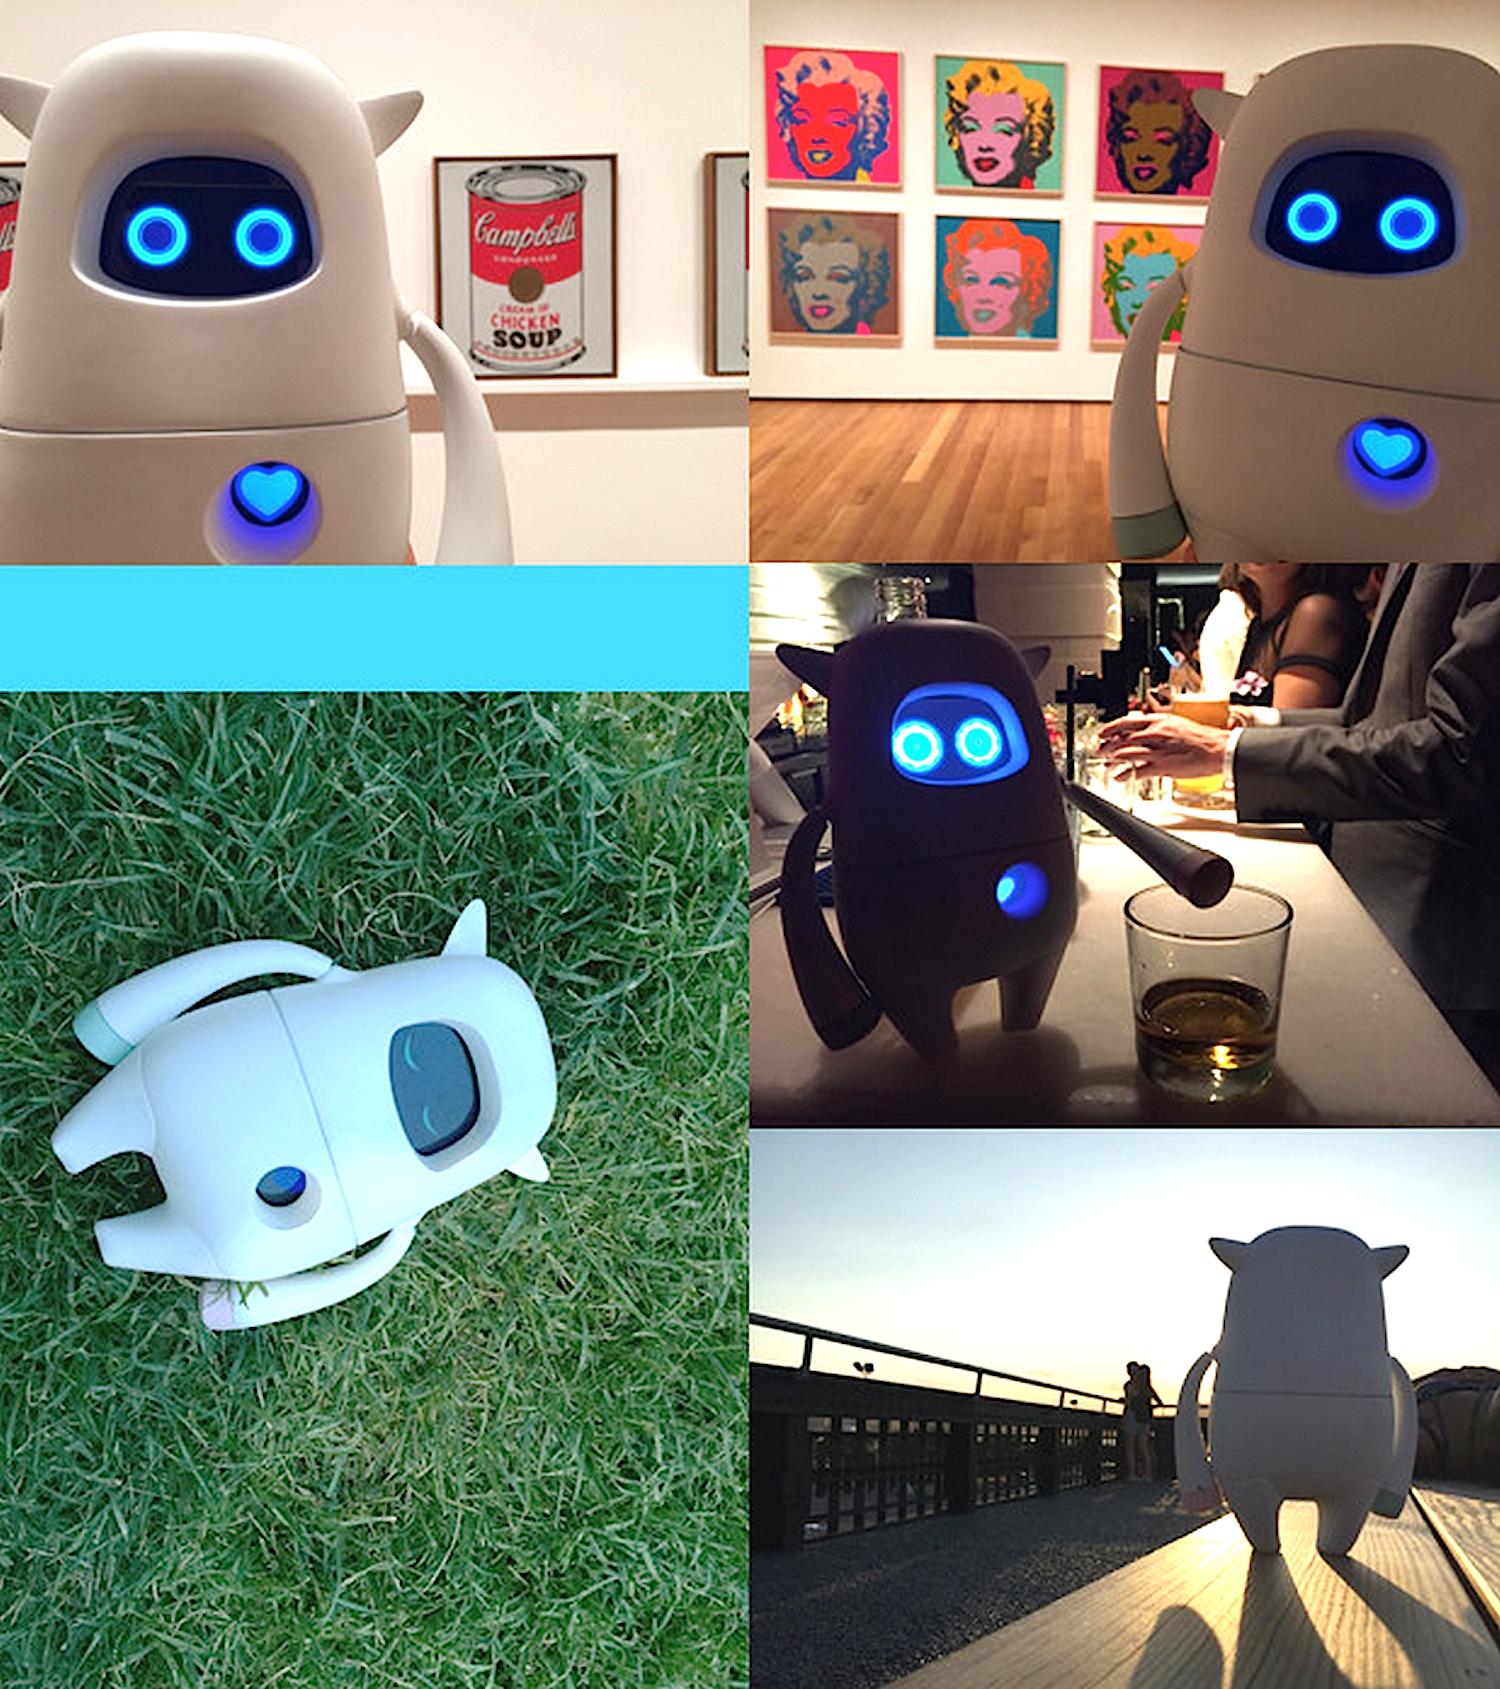 Musio gibt sich im Alltag menschlich: Der Roboter kann sogar Furzgeräusche von sich geben und Witze erzählen.